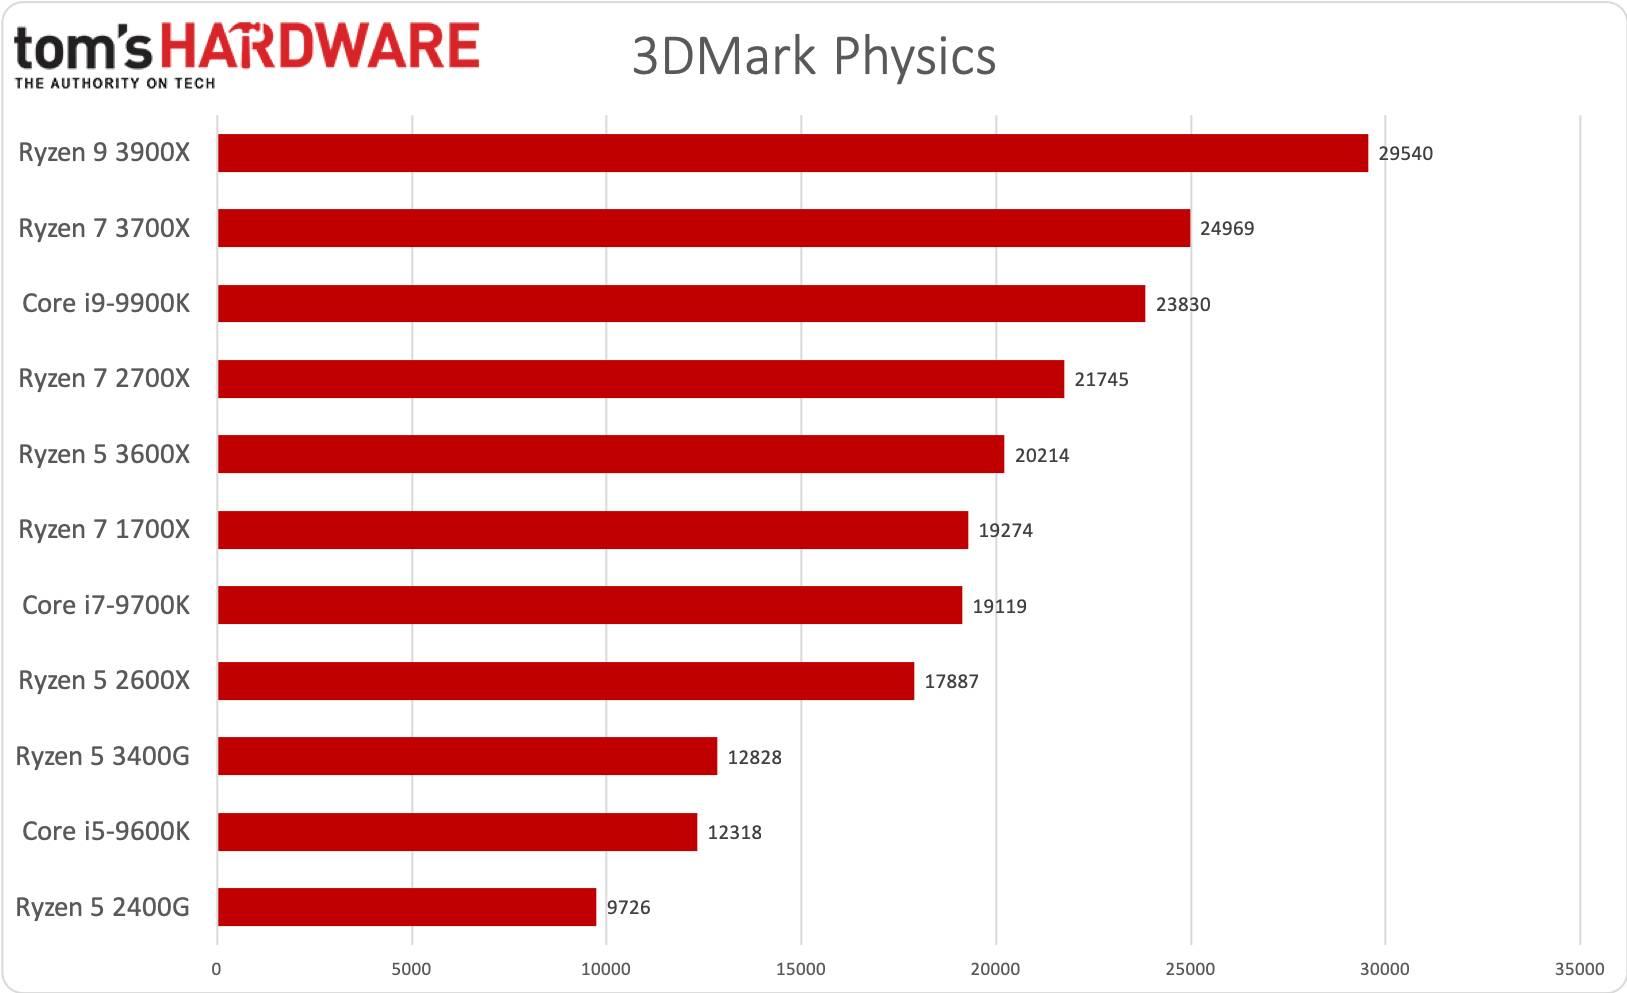 Ryzen 5 3400G - 3DMark Physics